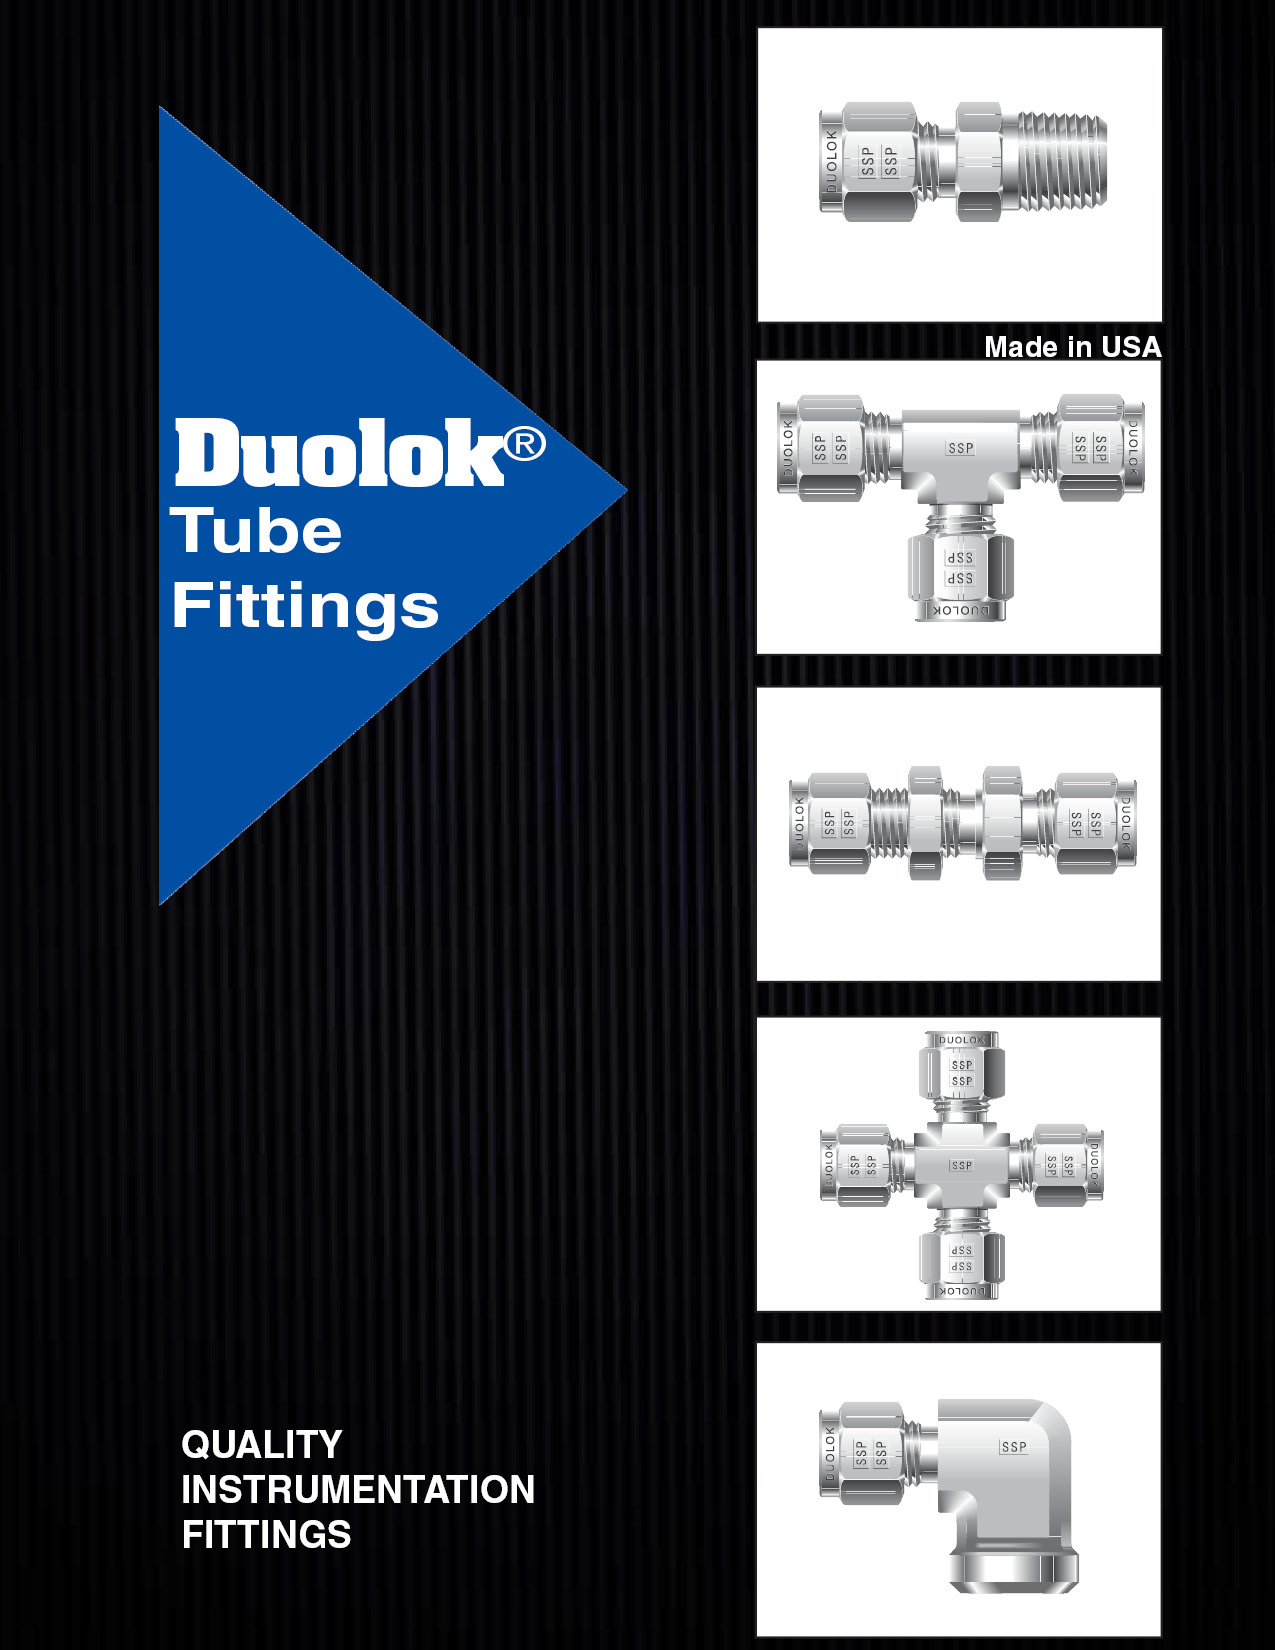 Duolok Catalog Cover Image